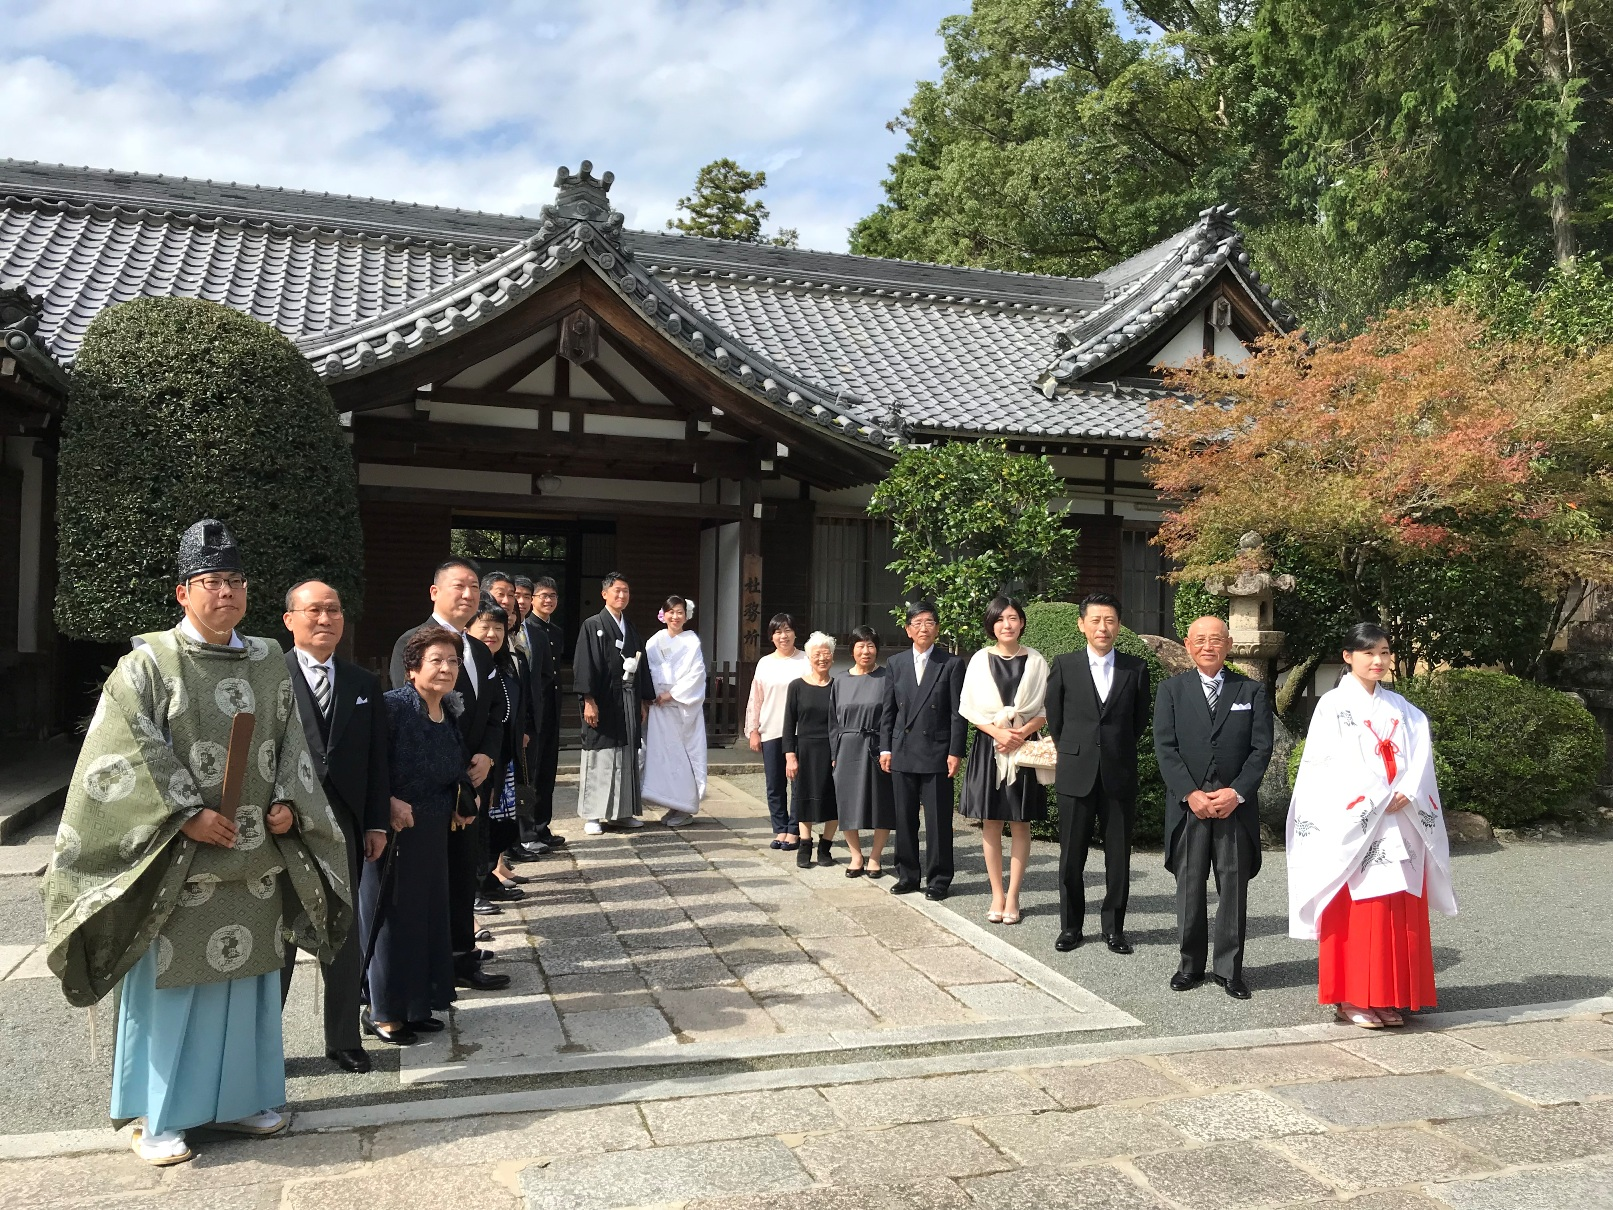 32f26d52426d6 多田神社でご結婚式でした。おめでとうございます! 白無垢姿の花嫁様は色打ちかけのお写真も撮影されました♪ スポサブランカ 大阪丸福衣裳店